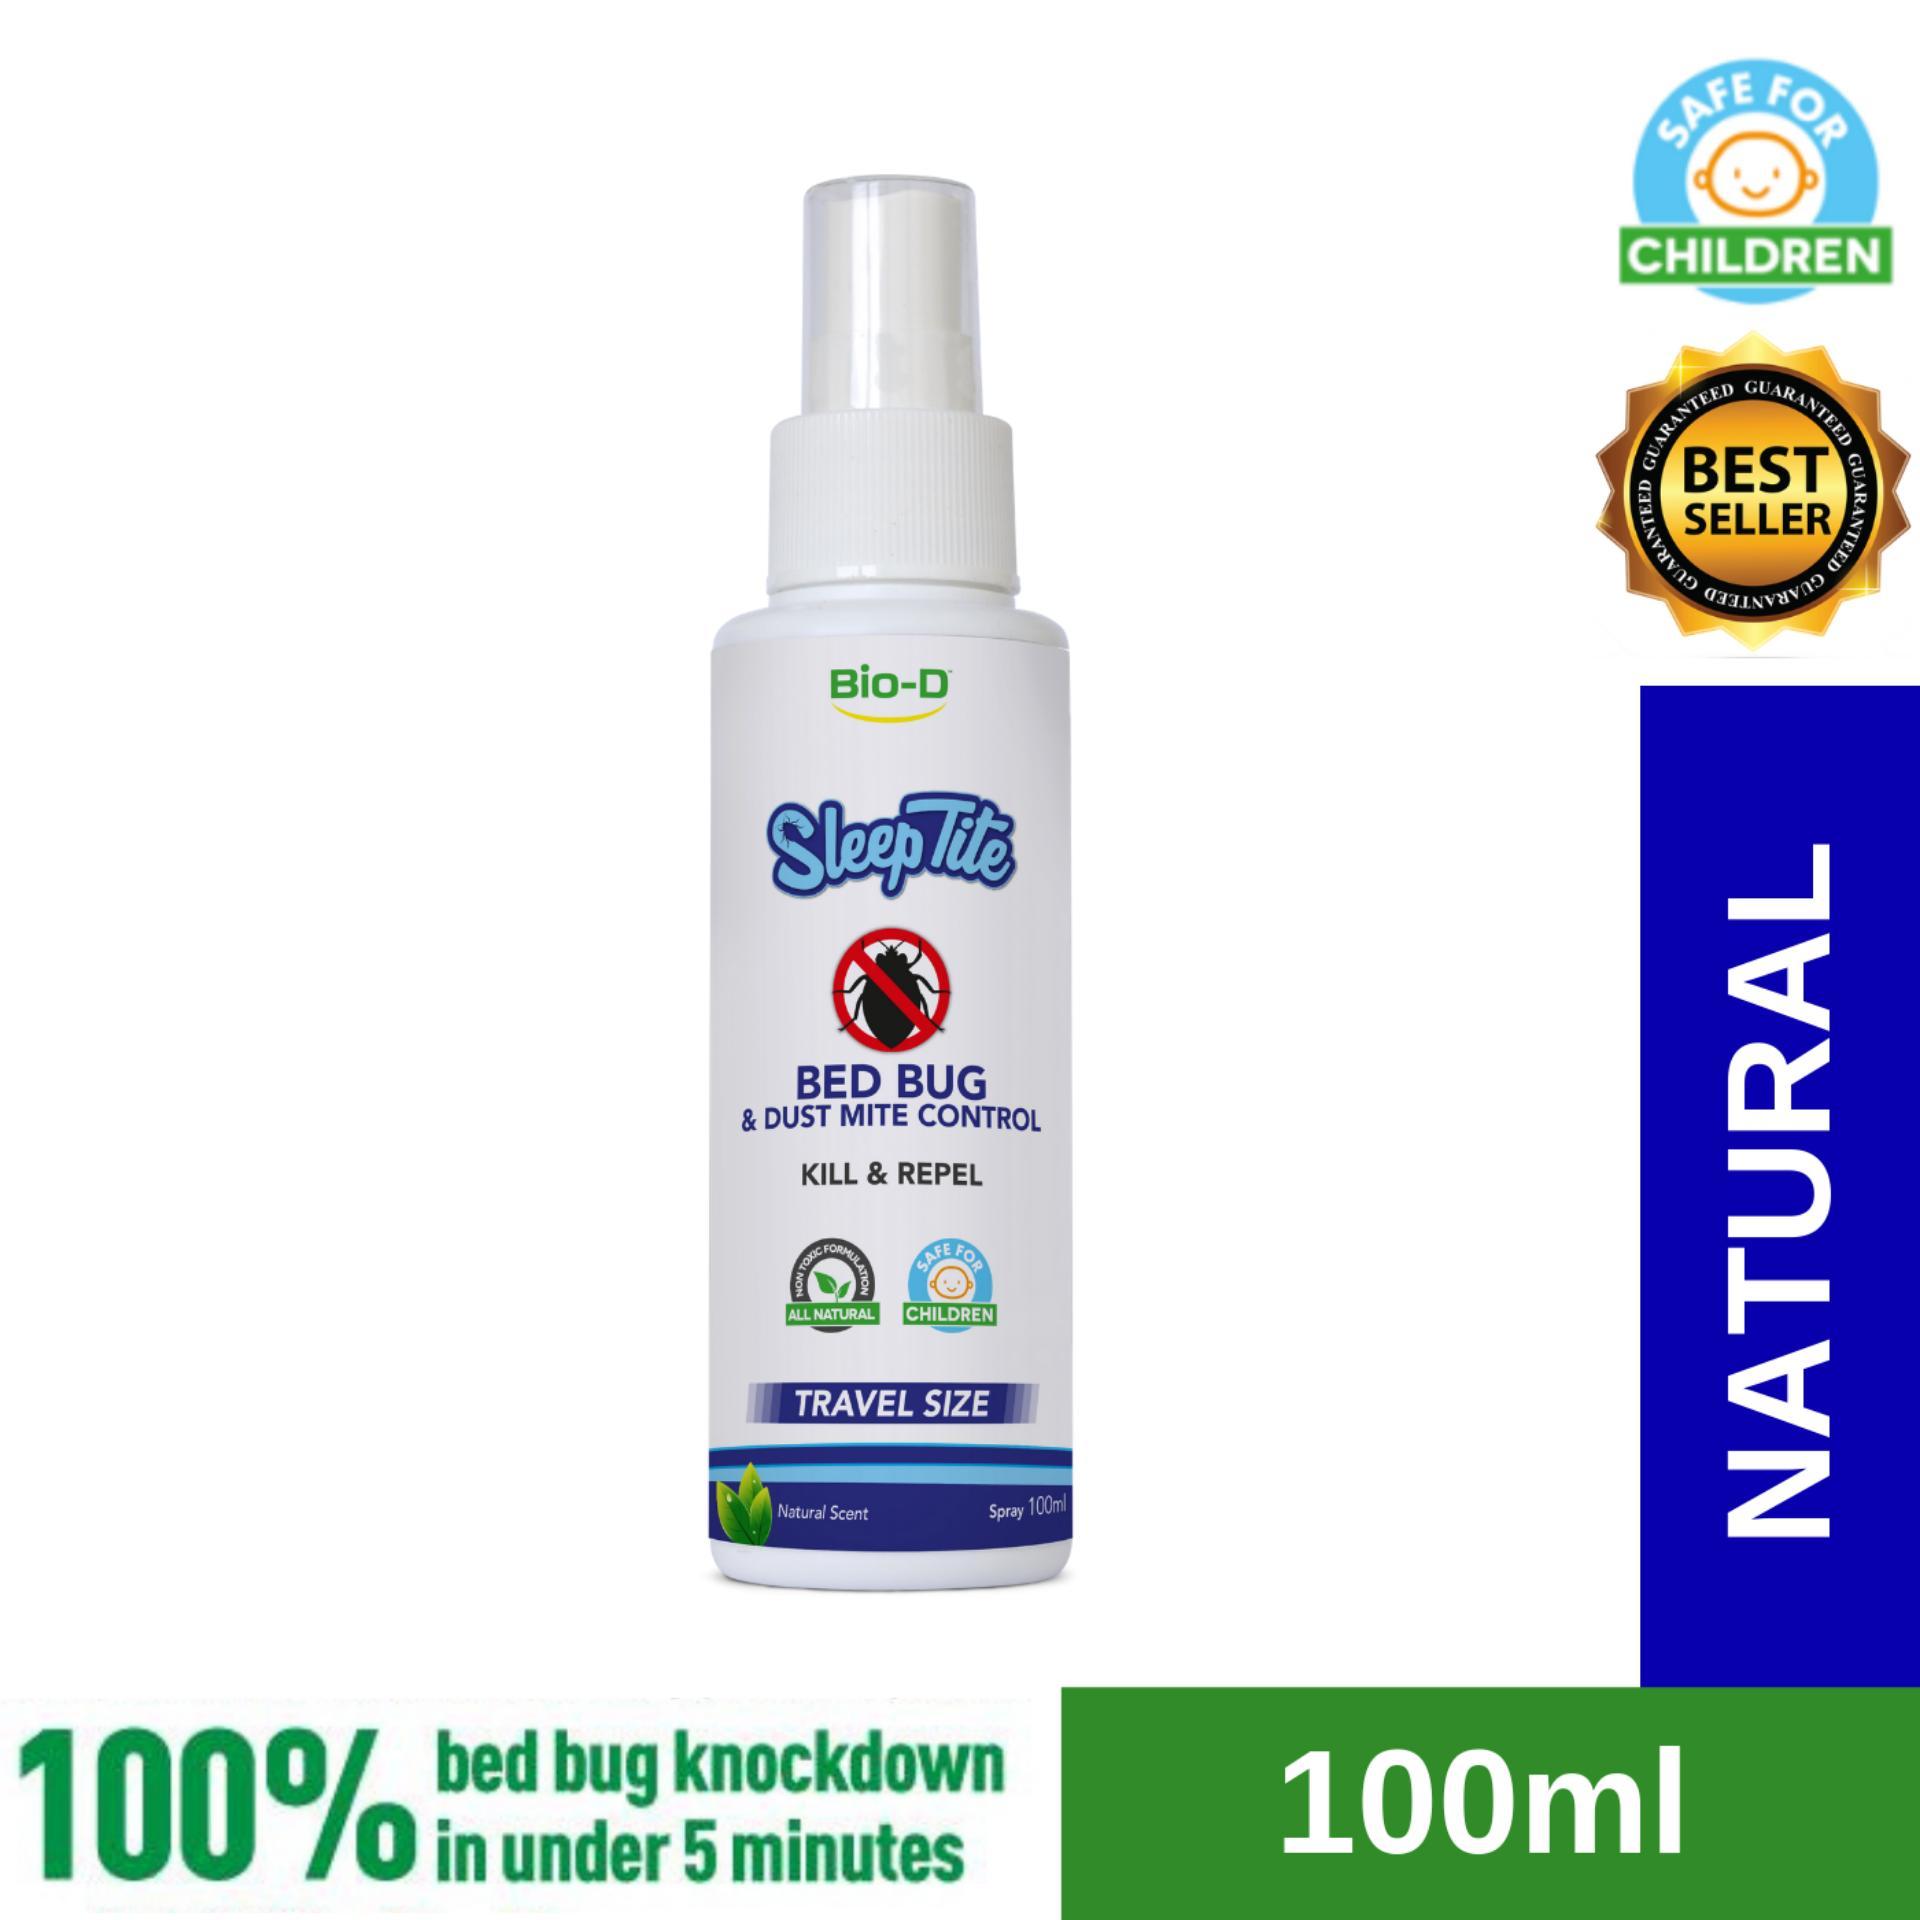 Bio-D SleepTite Bed Bug & Dust Mite Control Spray 100ml (Natural)